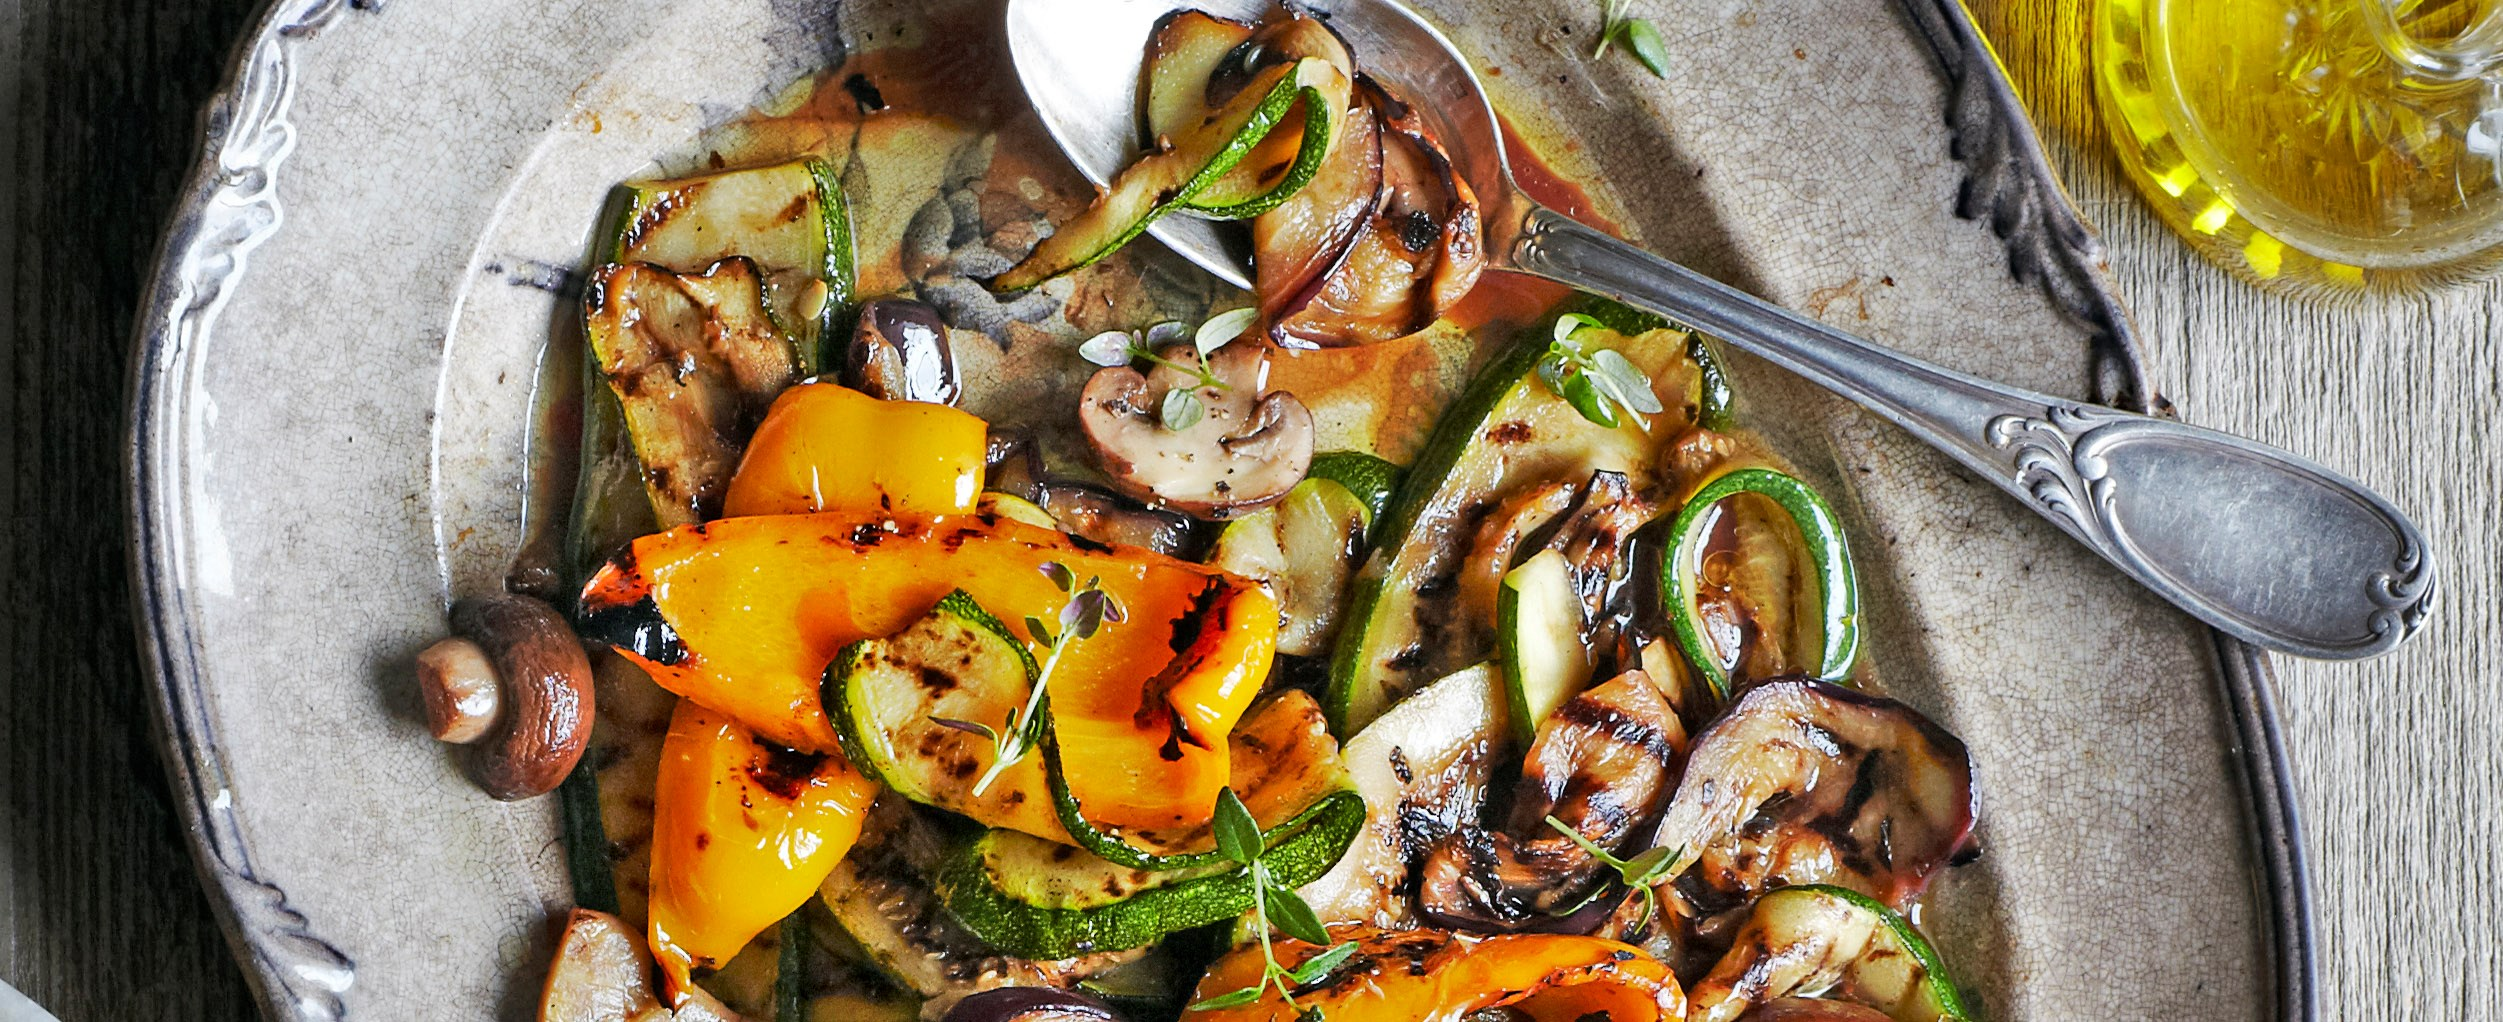 summer veg antipasti